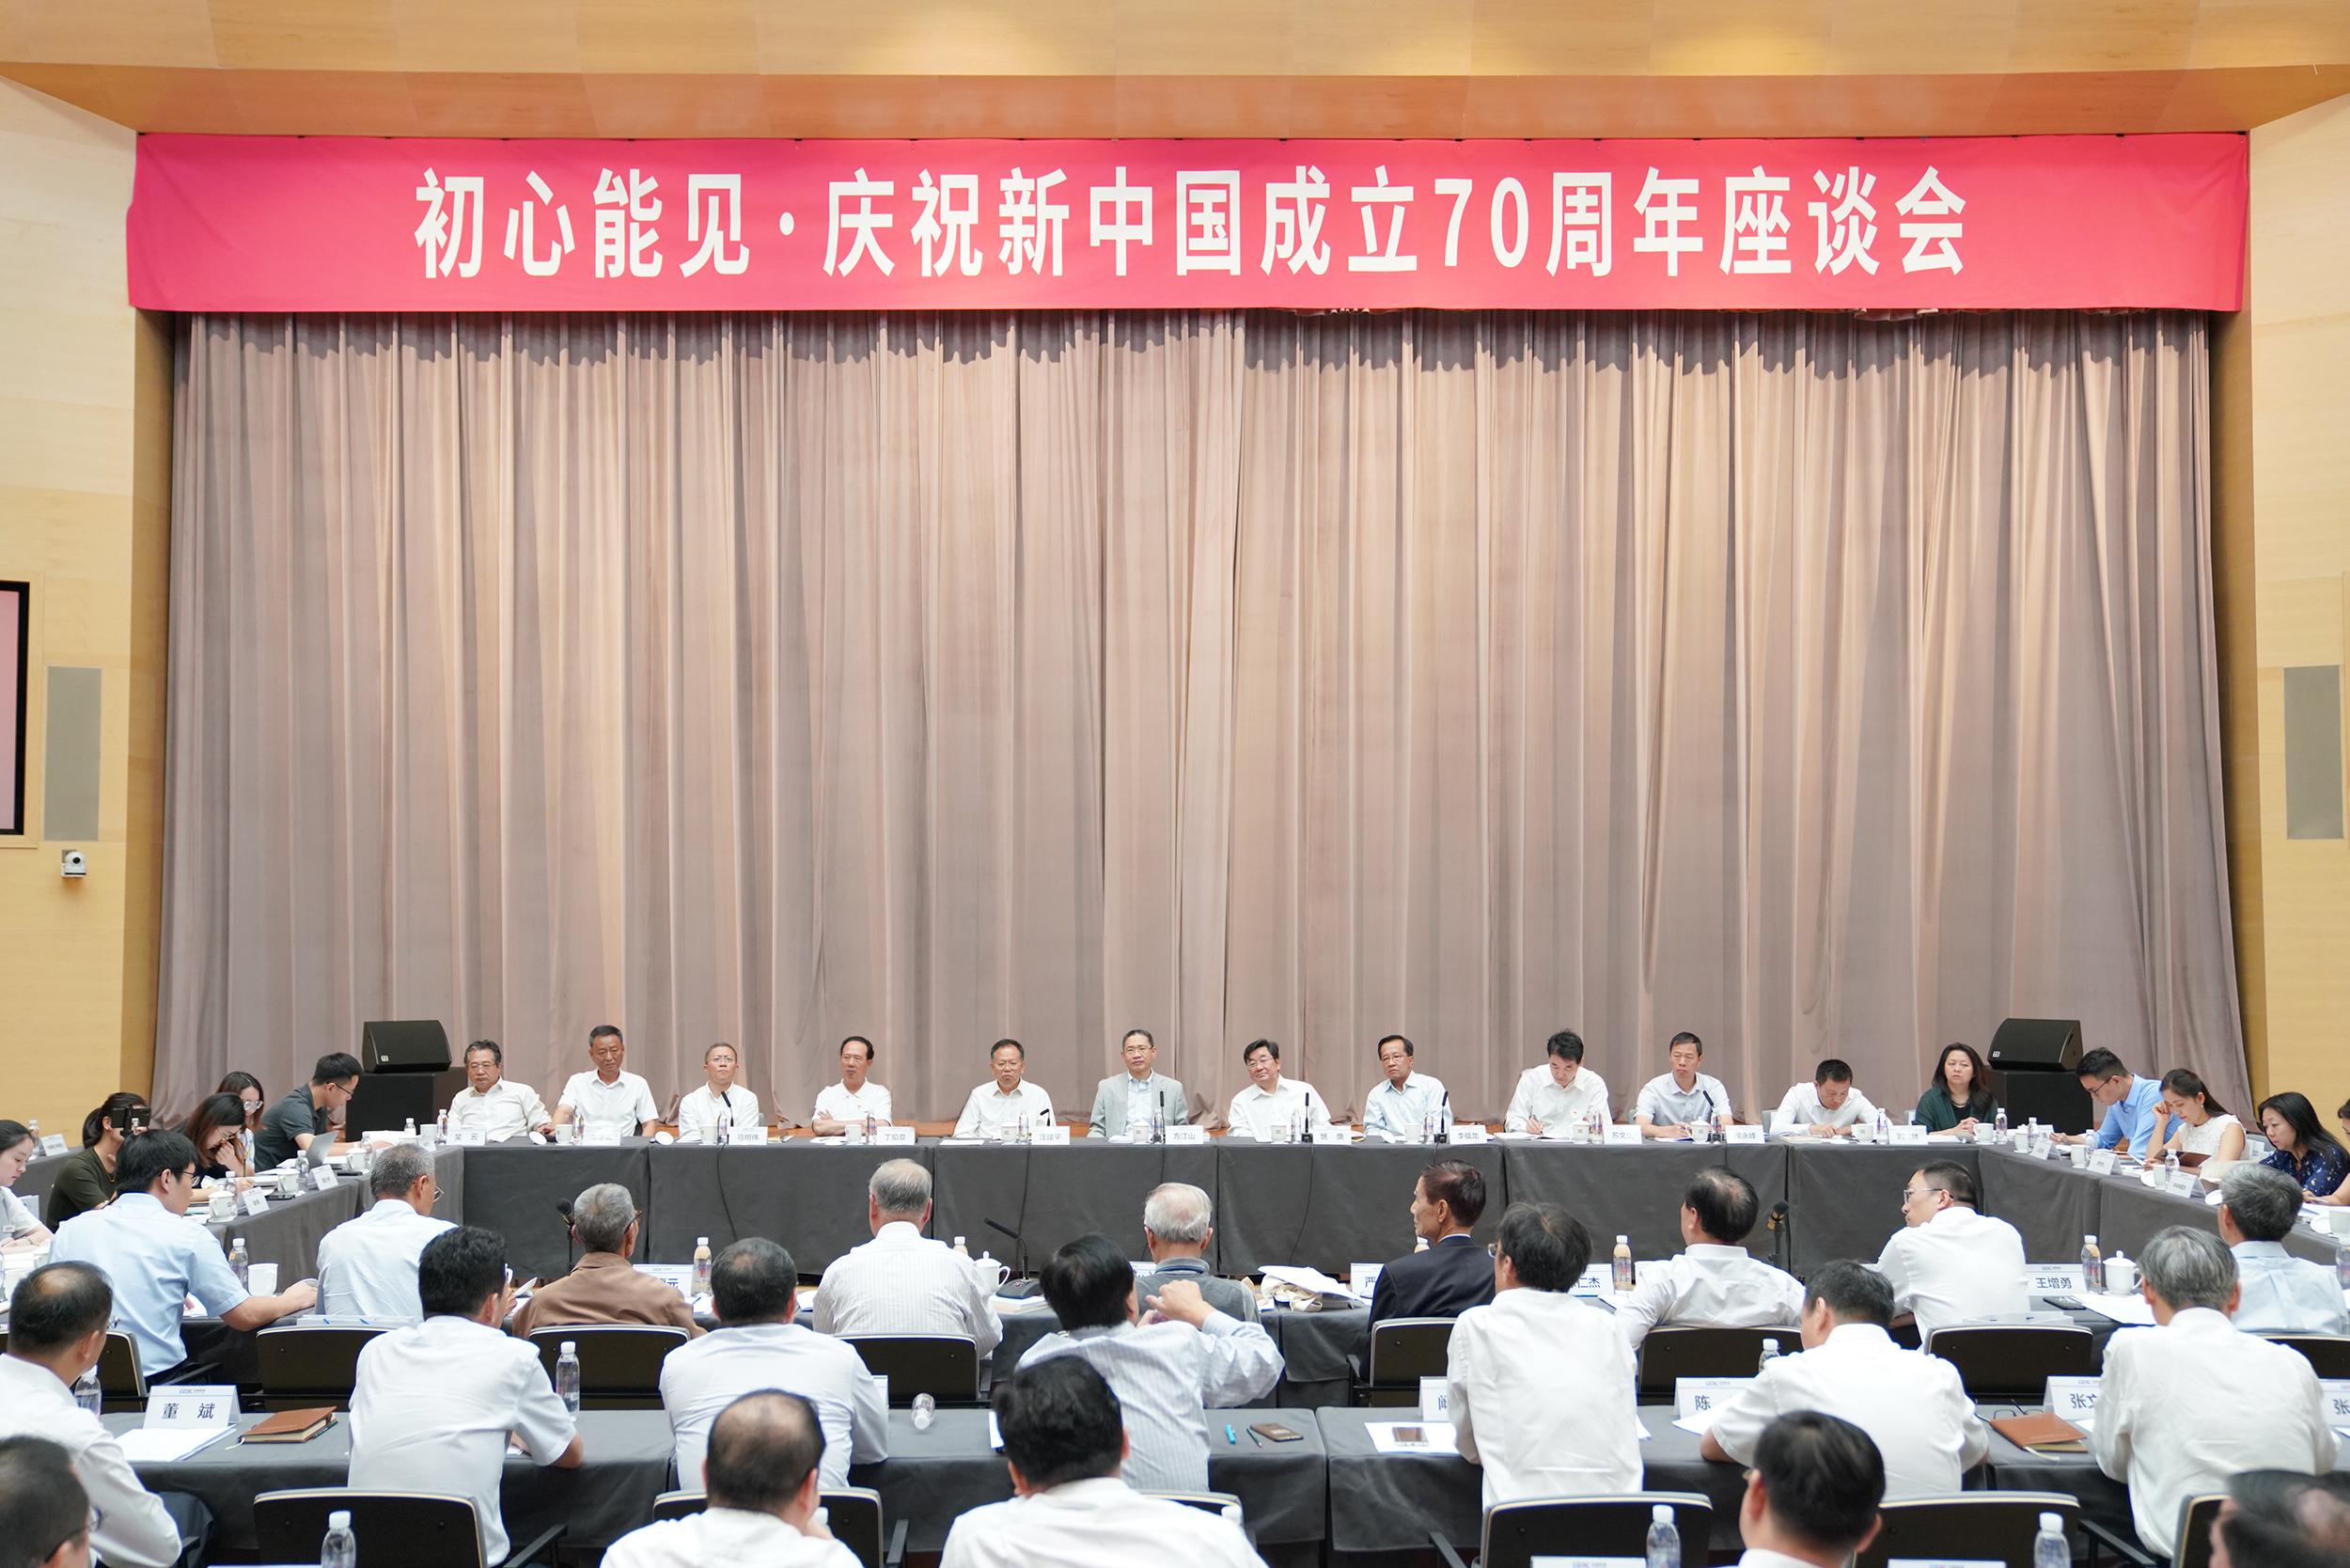 """中國能建舉行""""初心能見?慶祝新中國成立70周年""""座談會"""